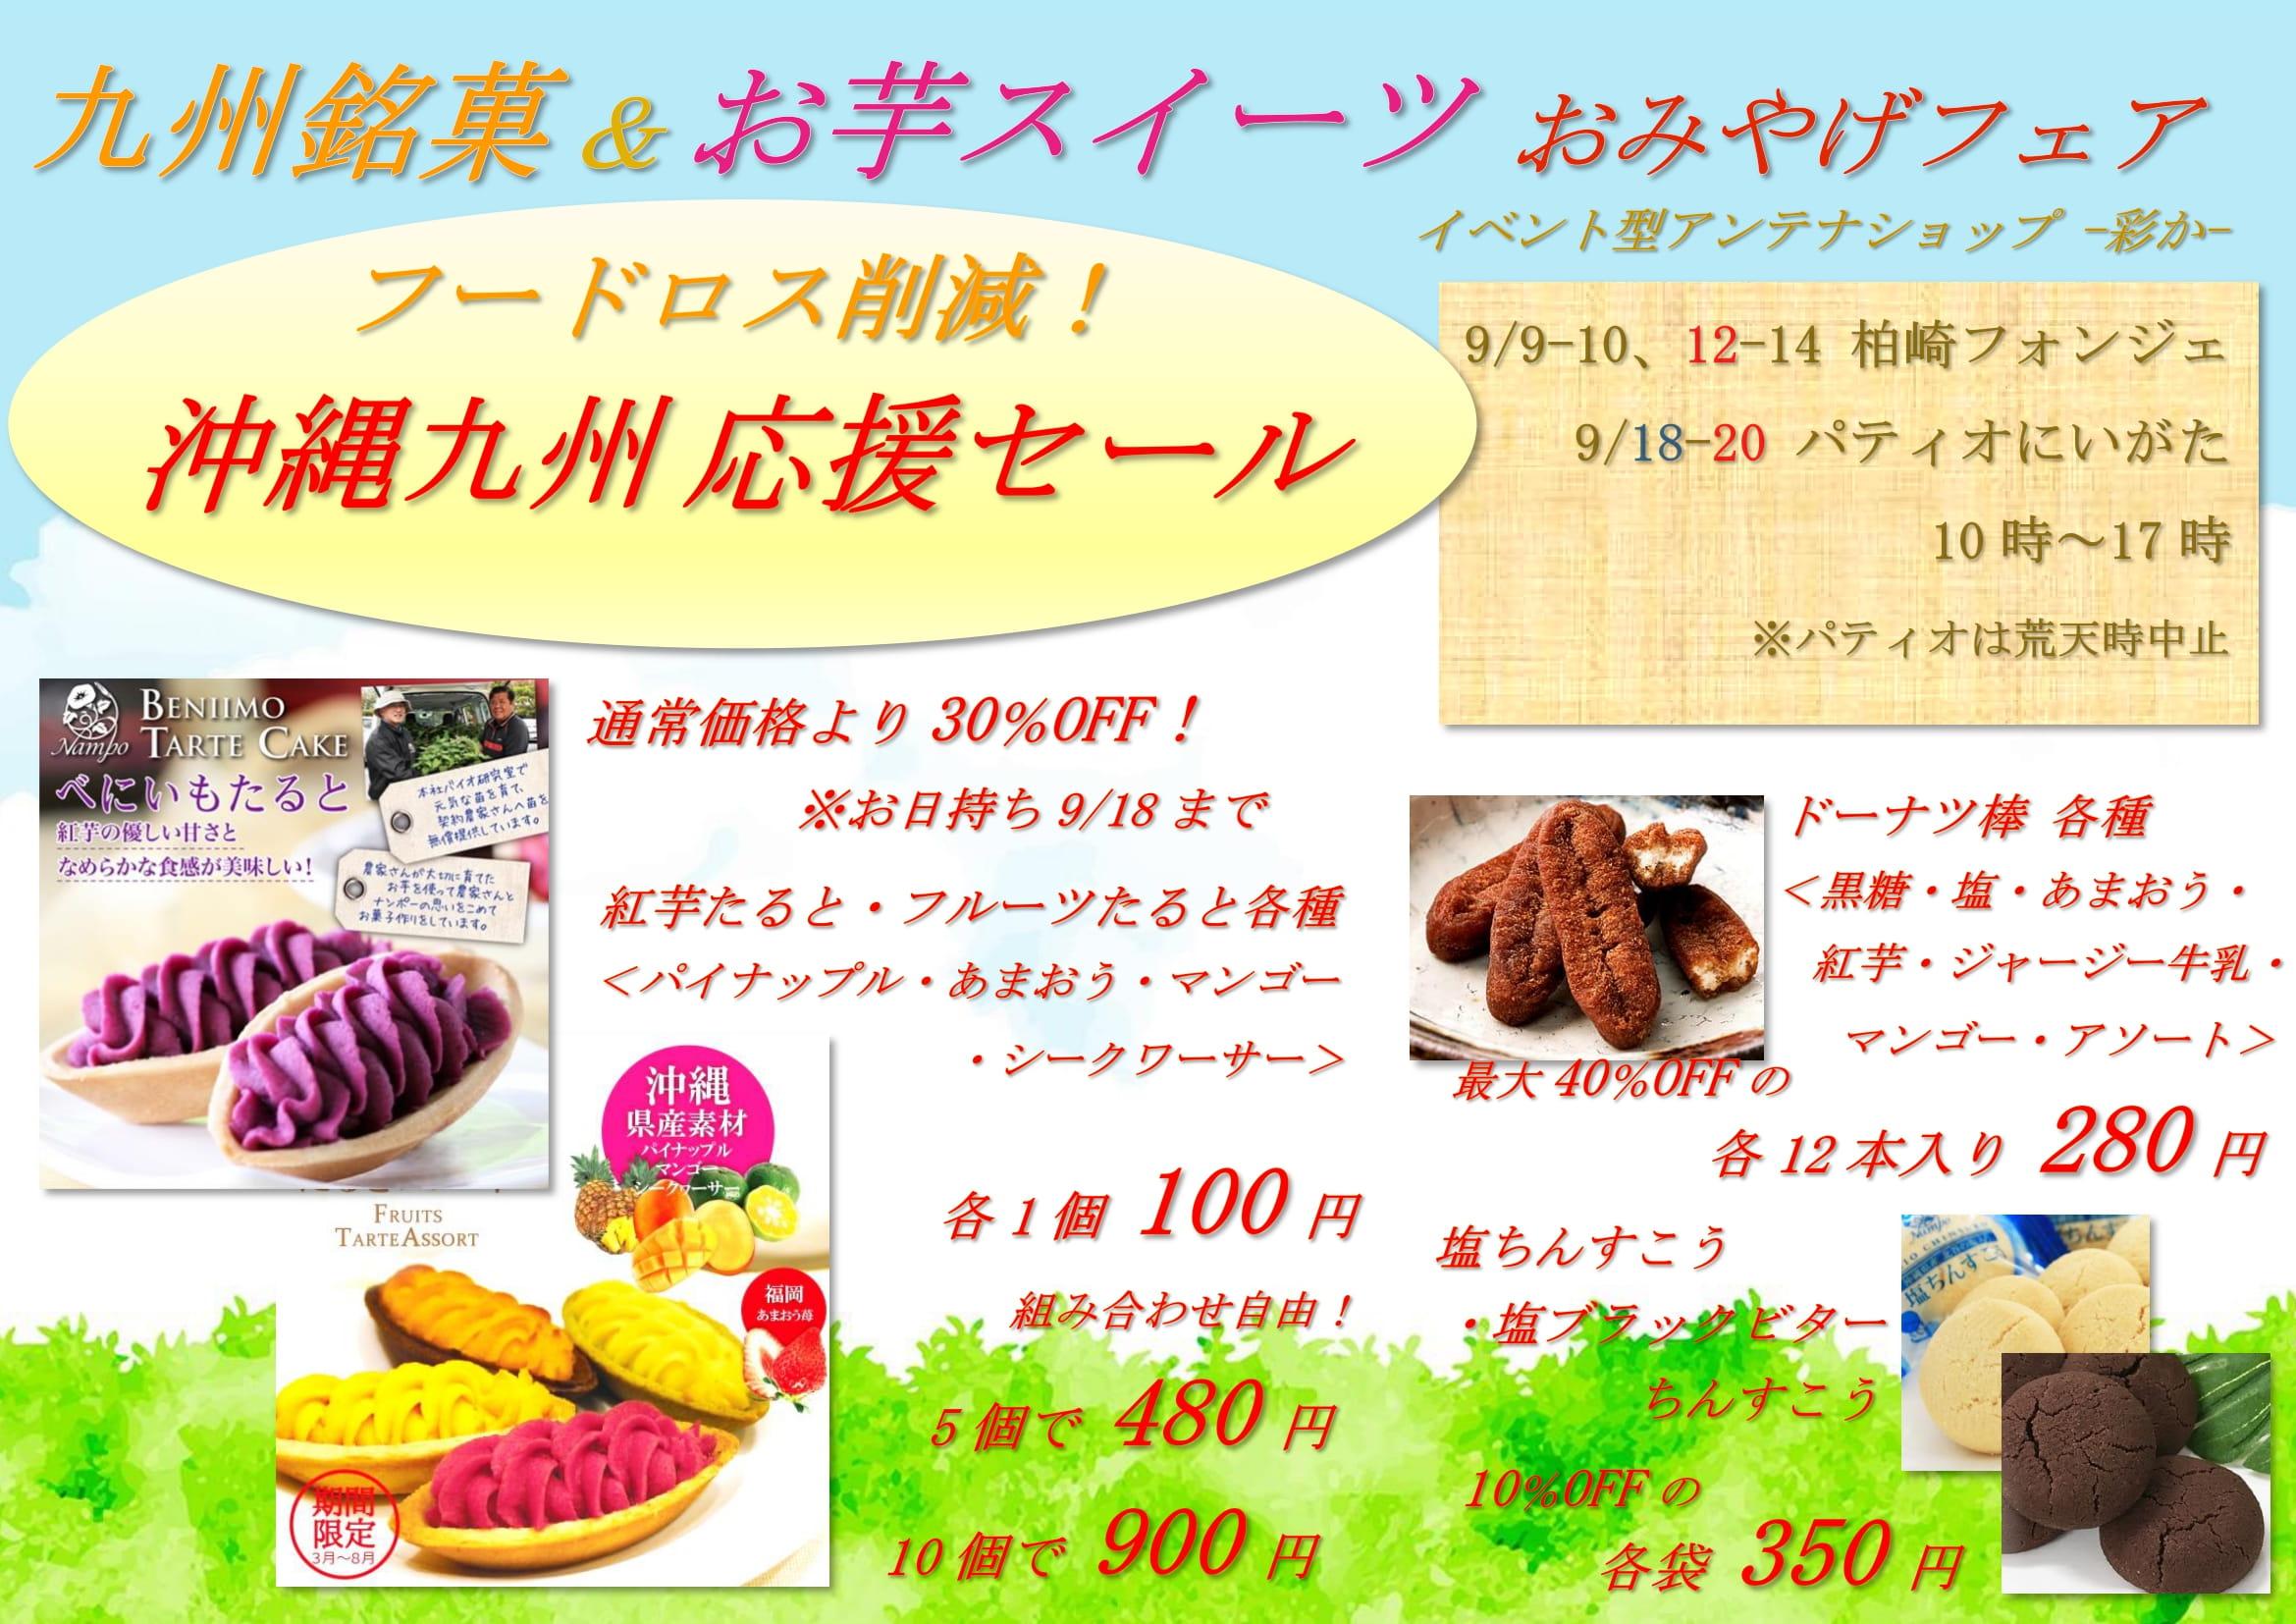 【九州・芋フェア】ビジョン3-1